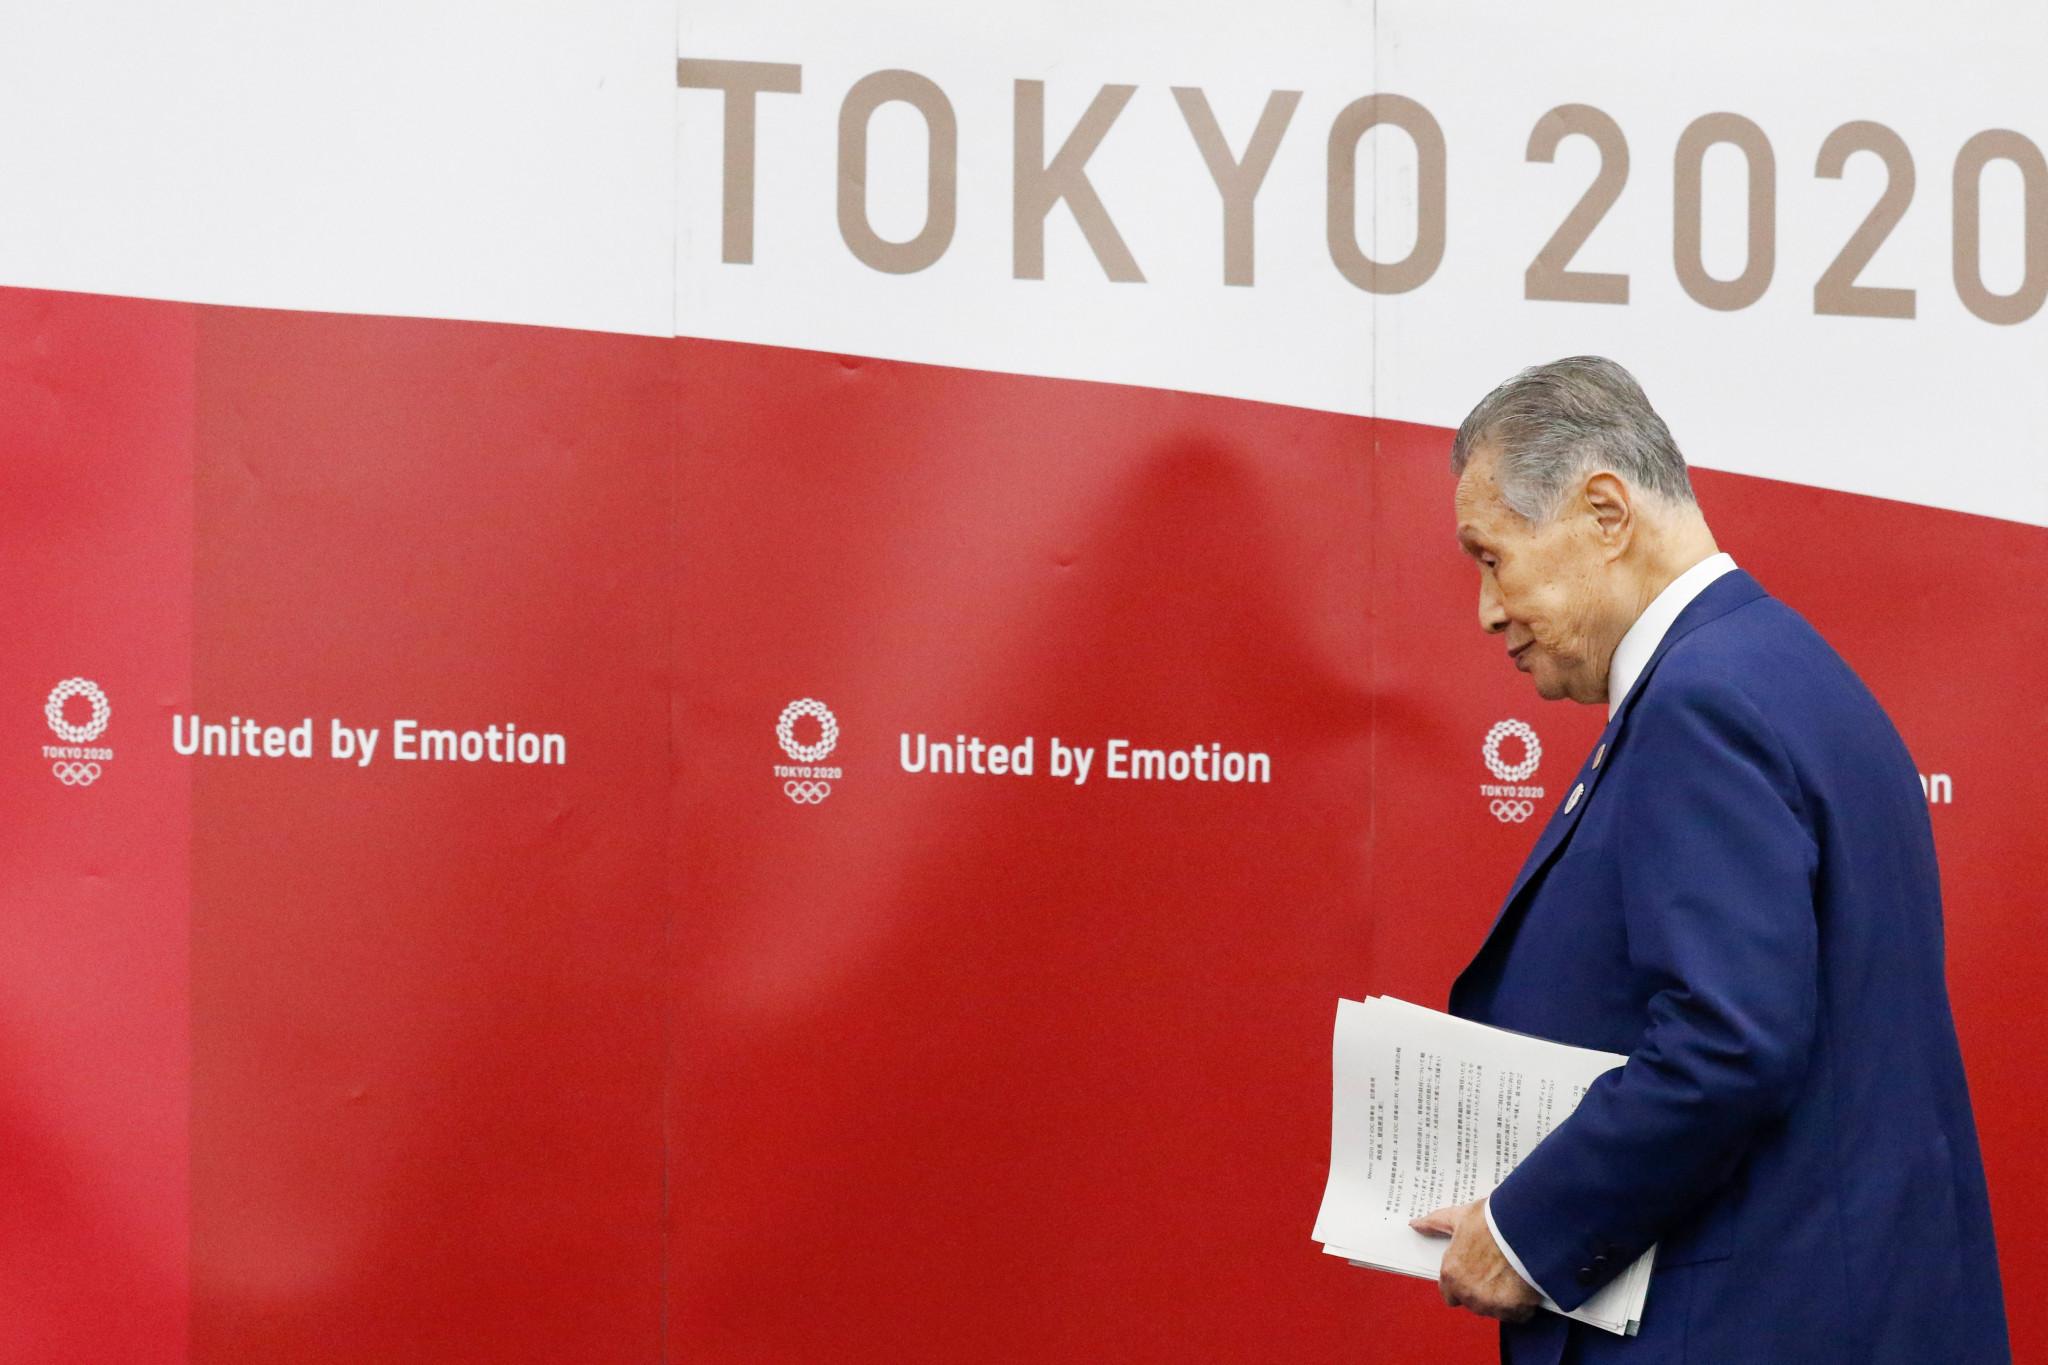 Medidas de simplificación Tokio 2021 ahorrarán alrededor de 280 millones